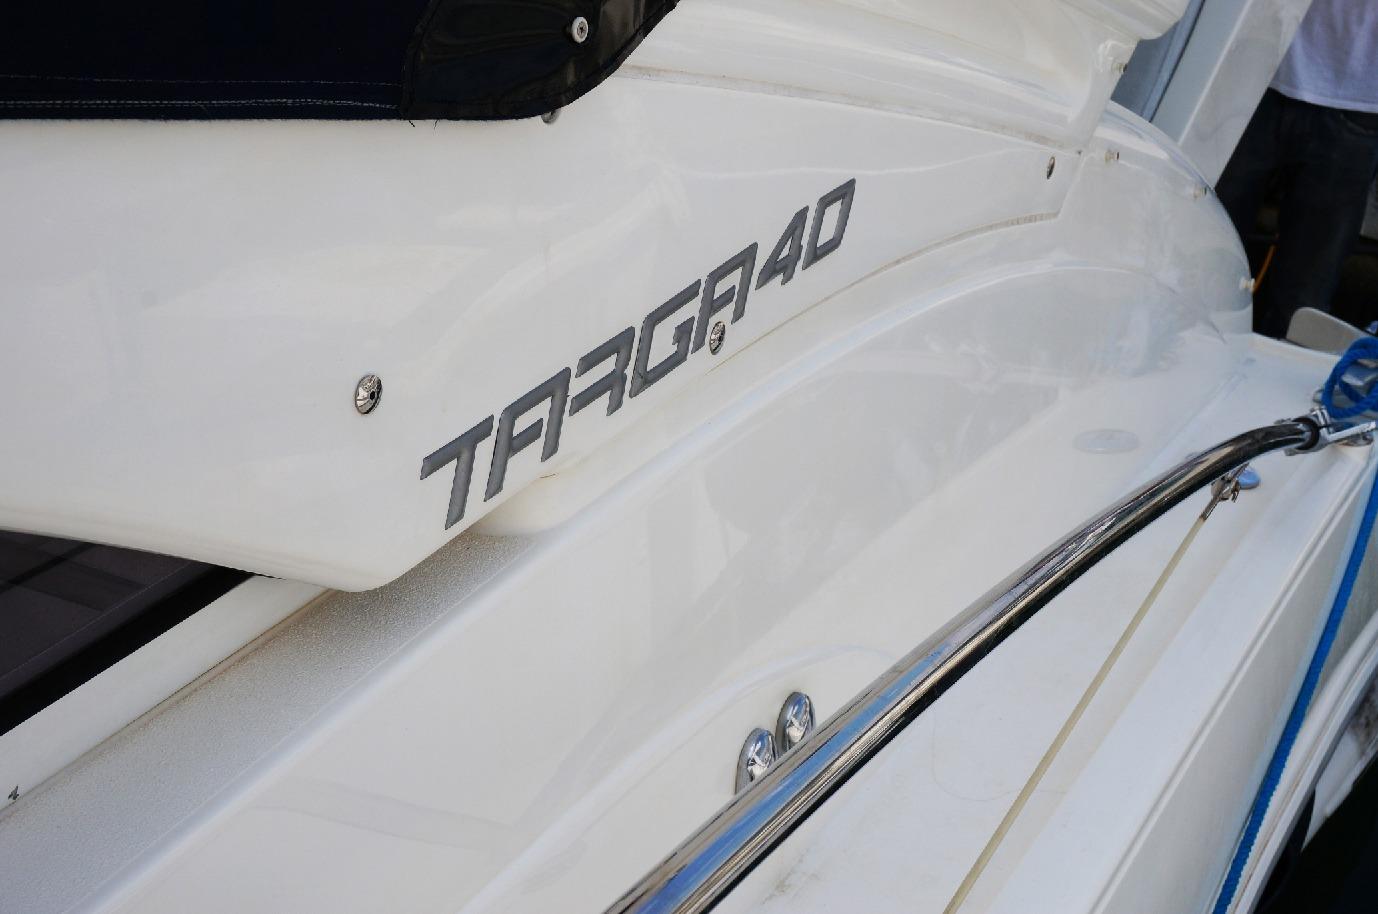 Fairline Targa 40